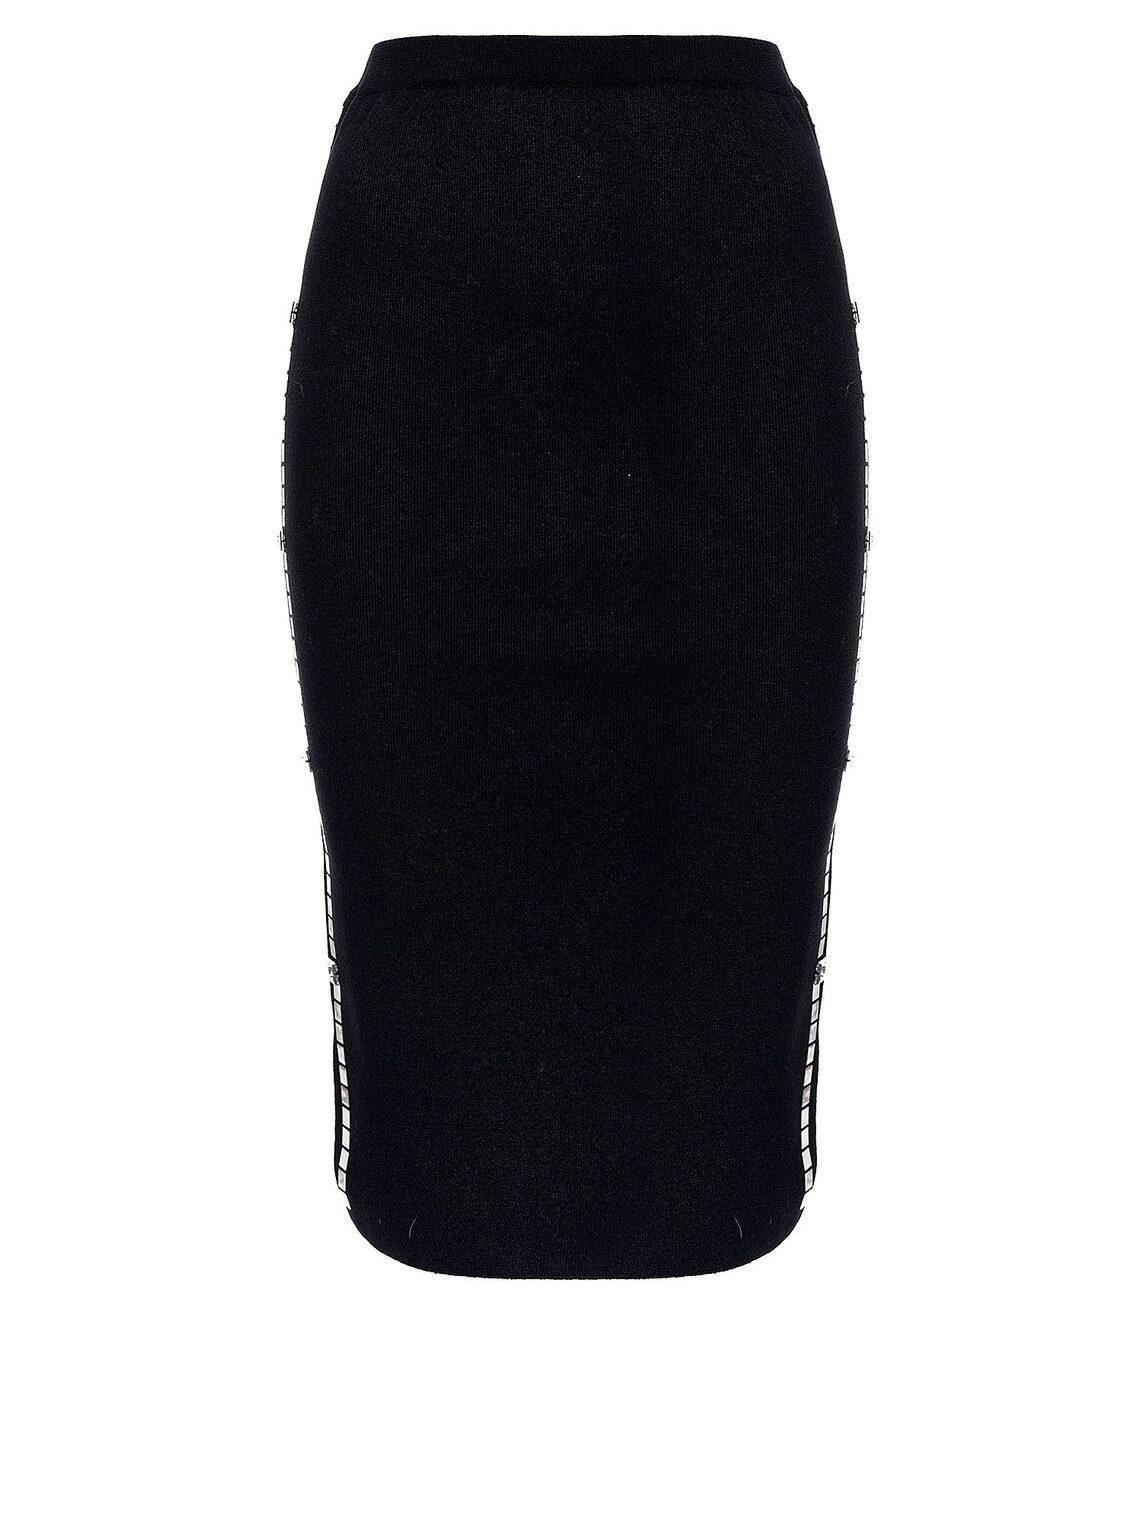 Falda con banda lateral